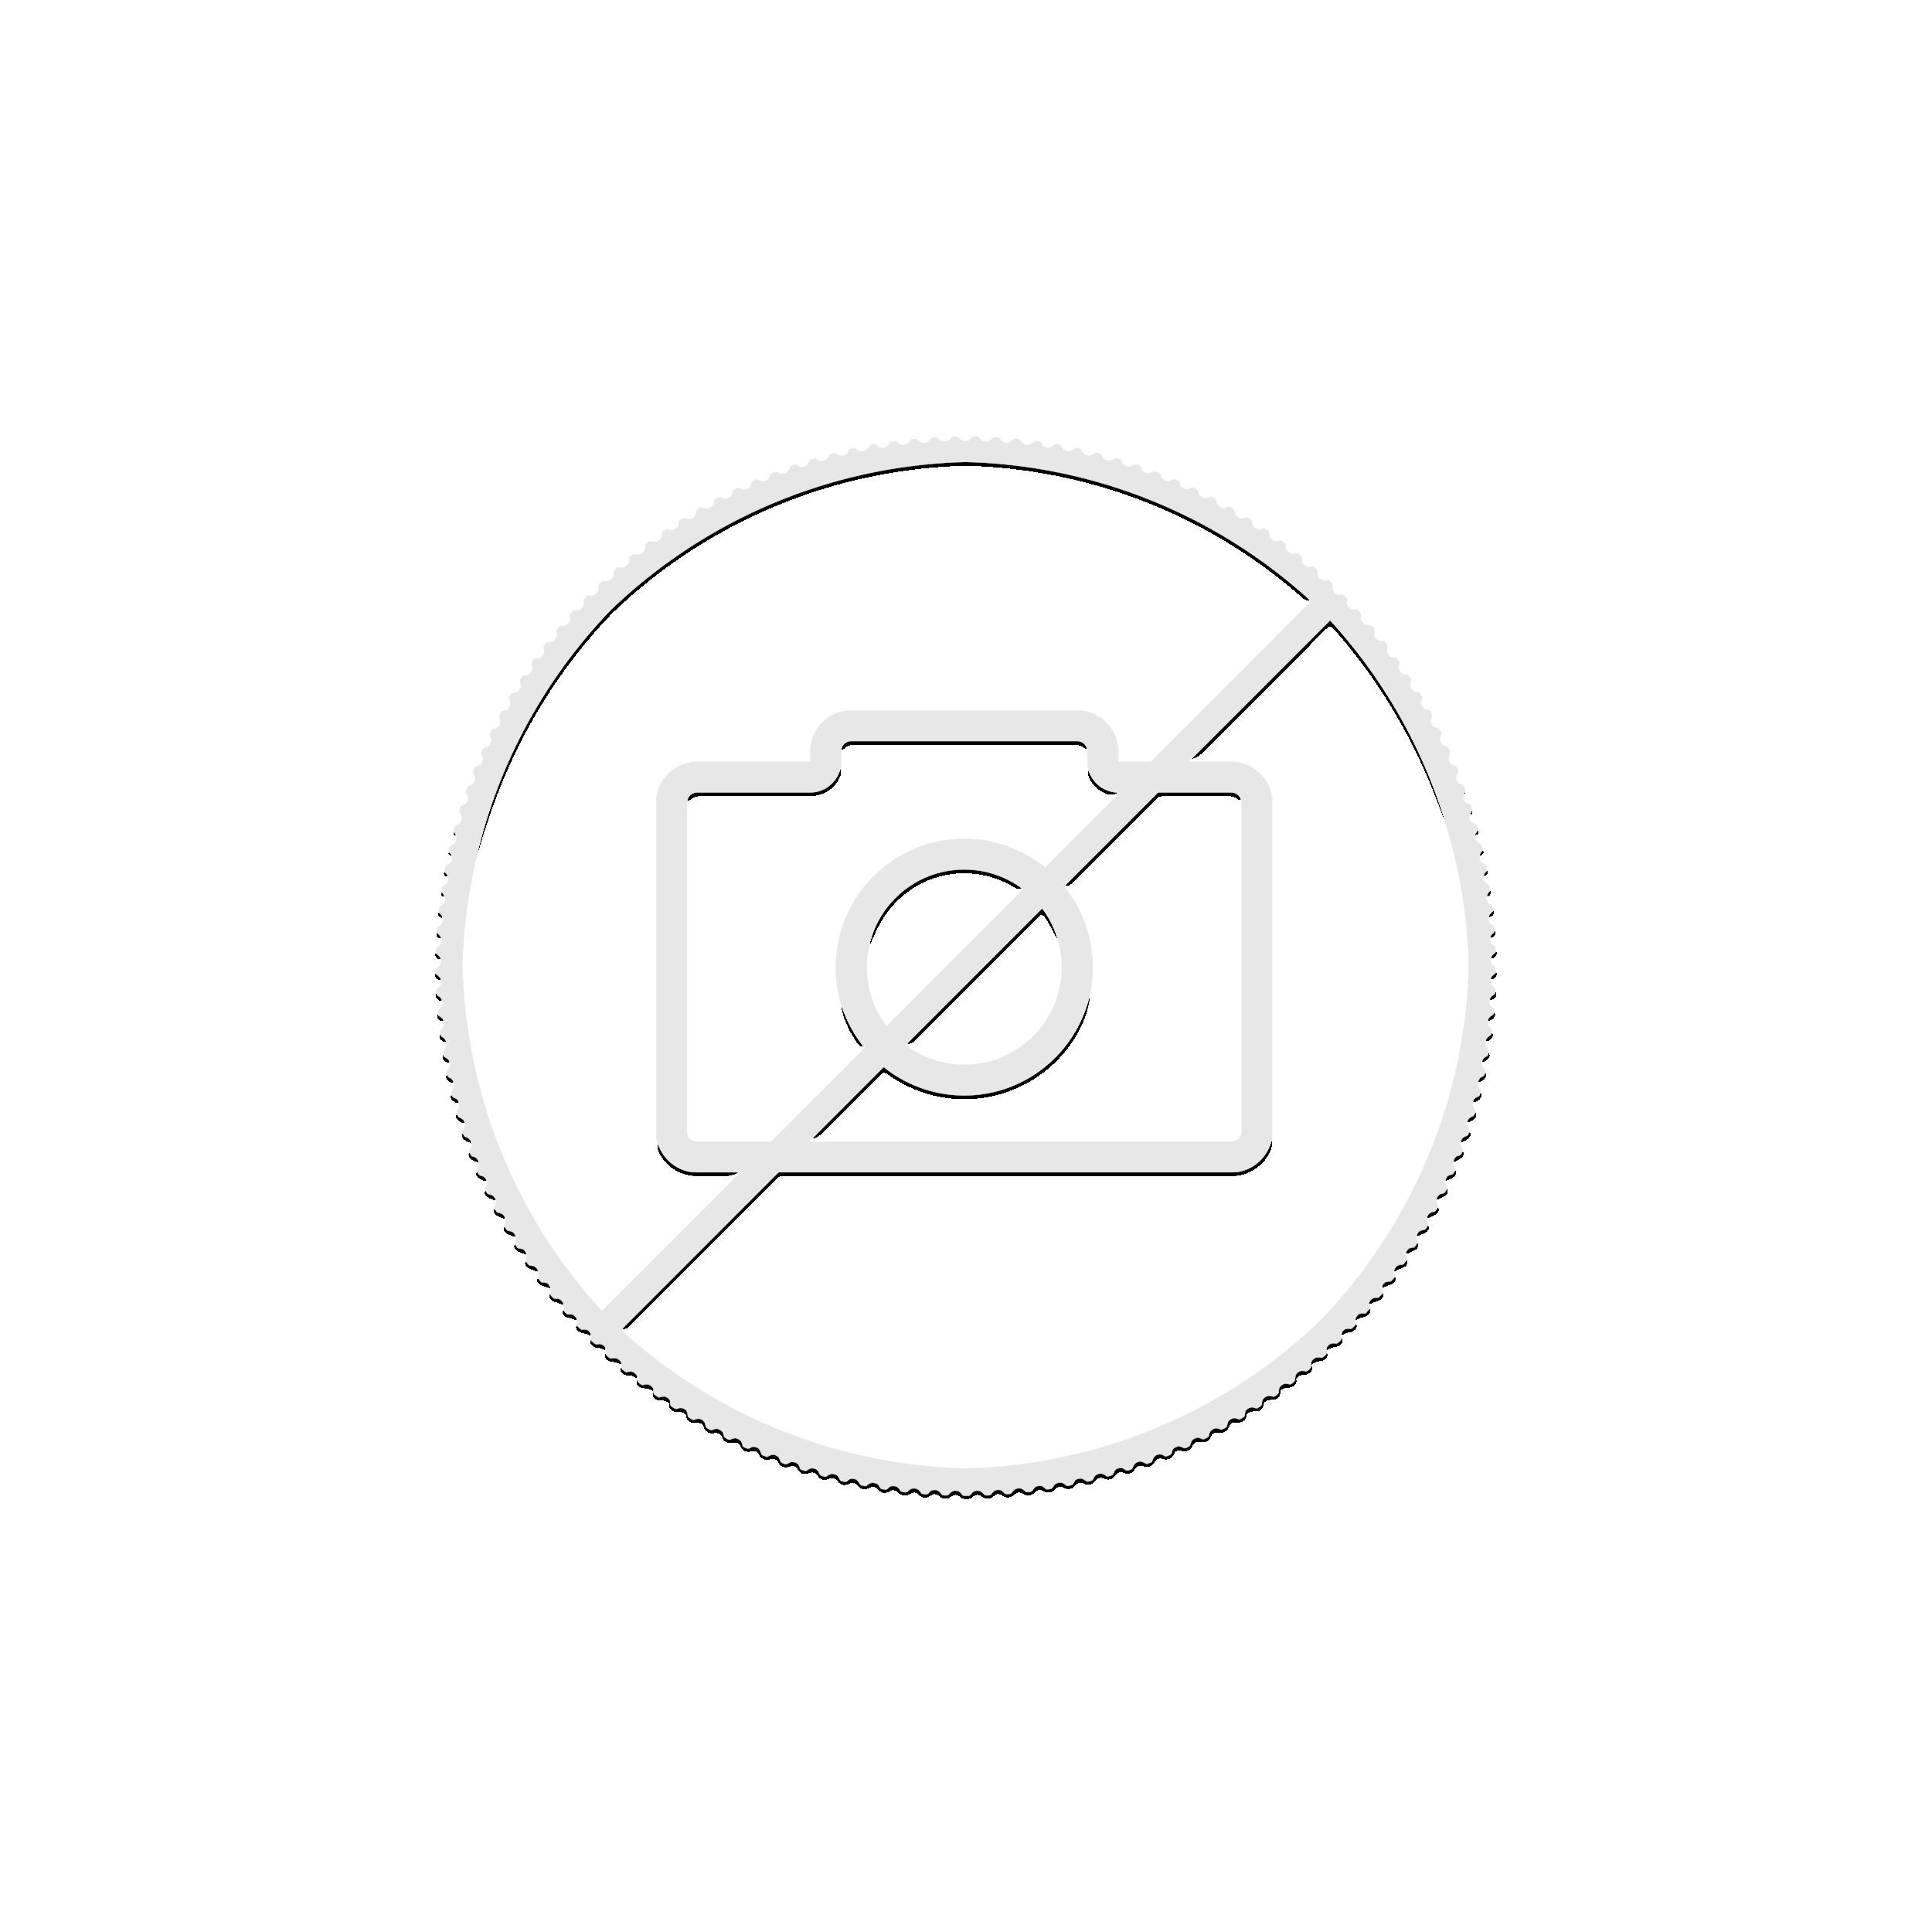 1 Troy ounce zilveren Britannia 2020 munt proof